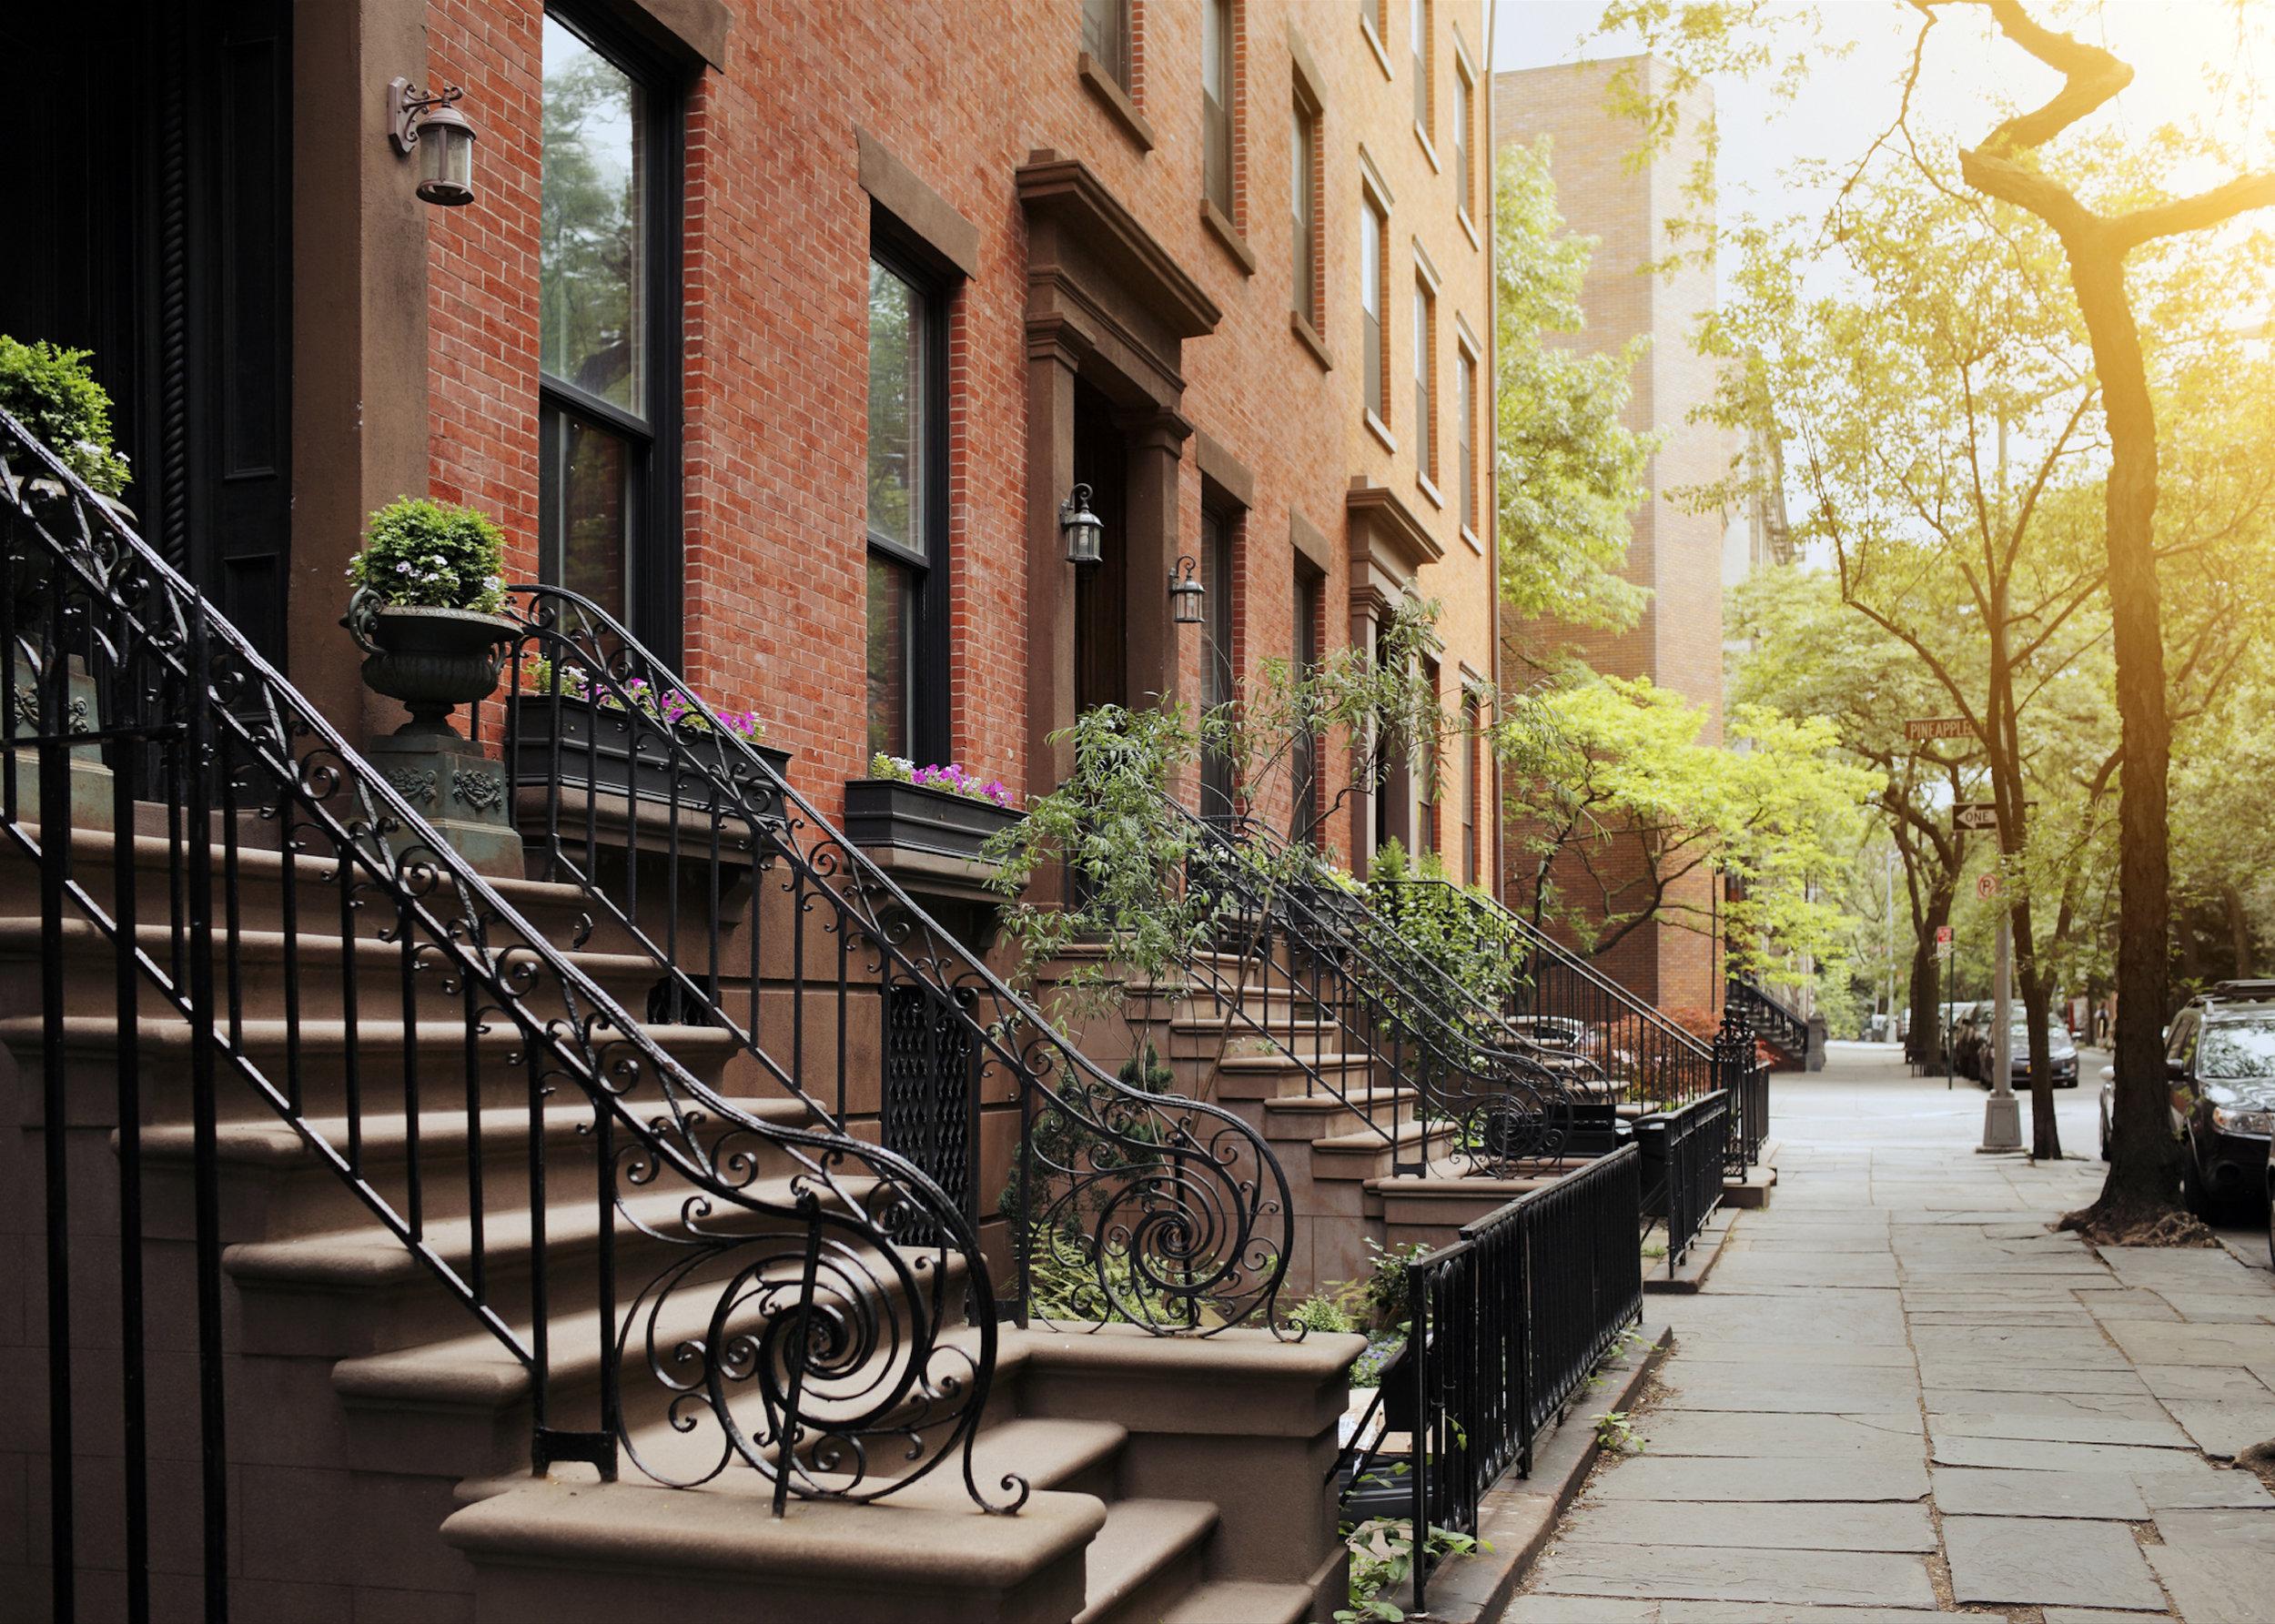 Бруклин хайтс дома.jpg